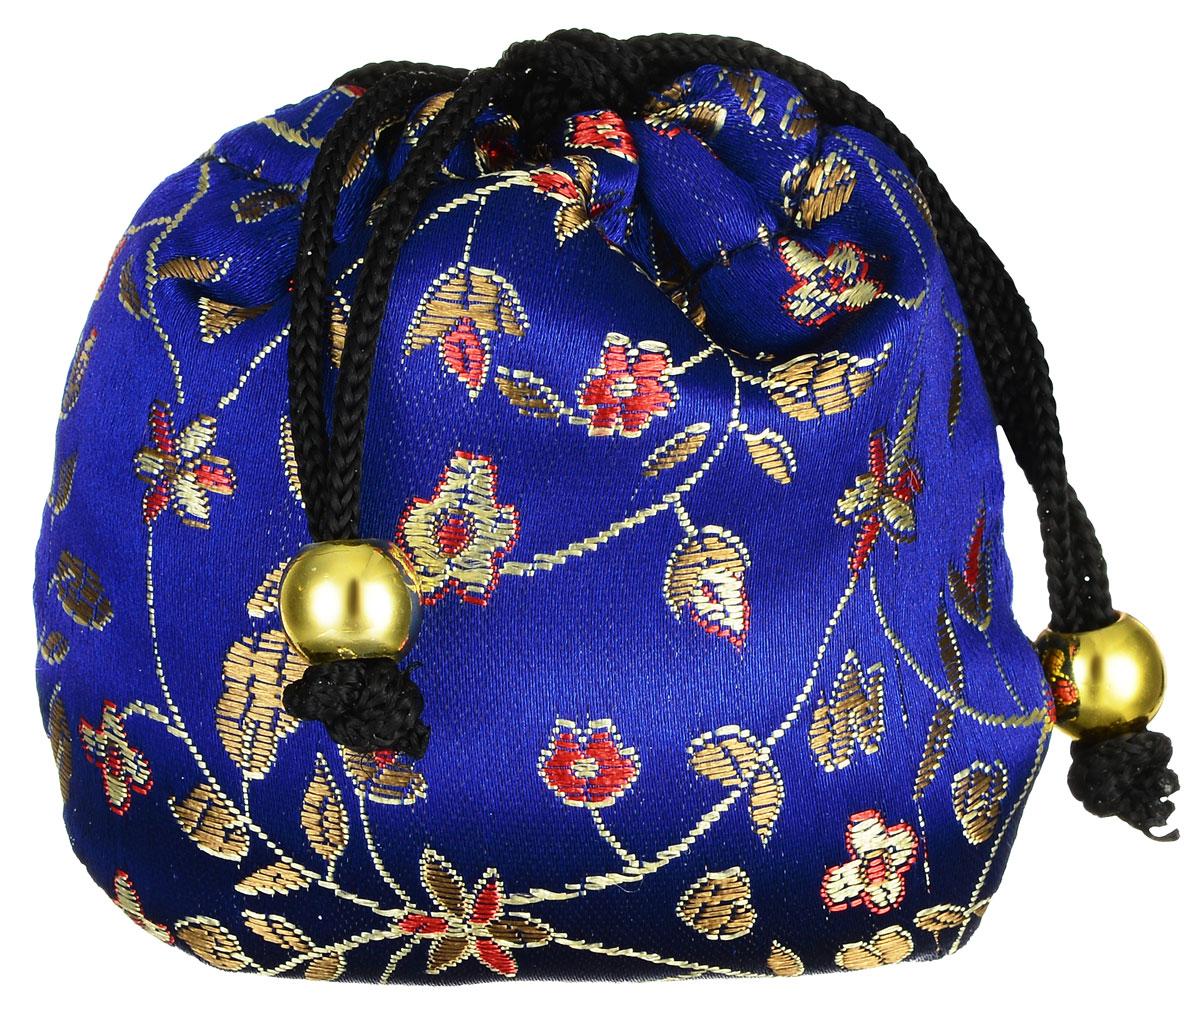 Masura Шелковый мешочек Ацуи для горячего и холодного массажа, цвет: синий1301210Шелковый мешочек Masura Ацуи применяется для холодного и горячего массажа рук и ароматерапии при проведении процедуры Японский маникюр. Изделие, оформленное цветочной вышивкой, затягивается на кулиску с декоративными бусинами. Наполнен мешочек морской солью, сухоцветами и аромамаслами.Материал мешочка:текстиль, пластик.Размер наполненного мешочка: 6,5 см х 6,5 см х 5 см.Товар сертифицирован.